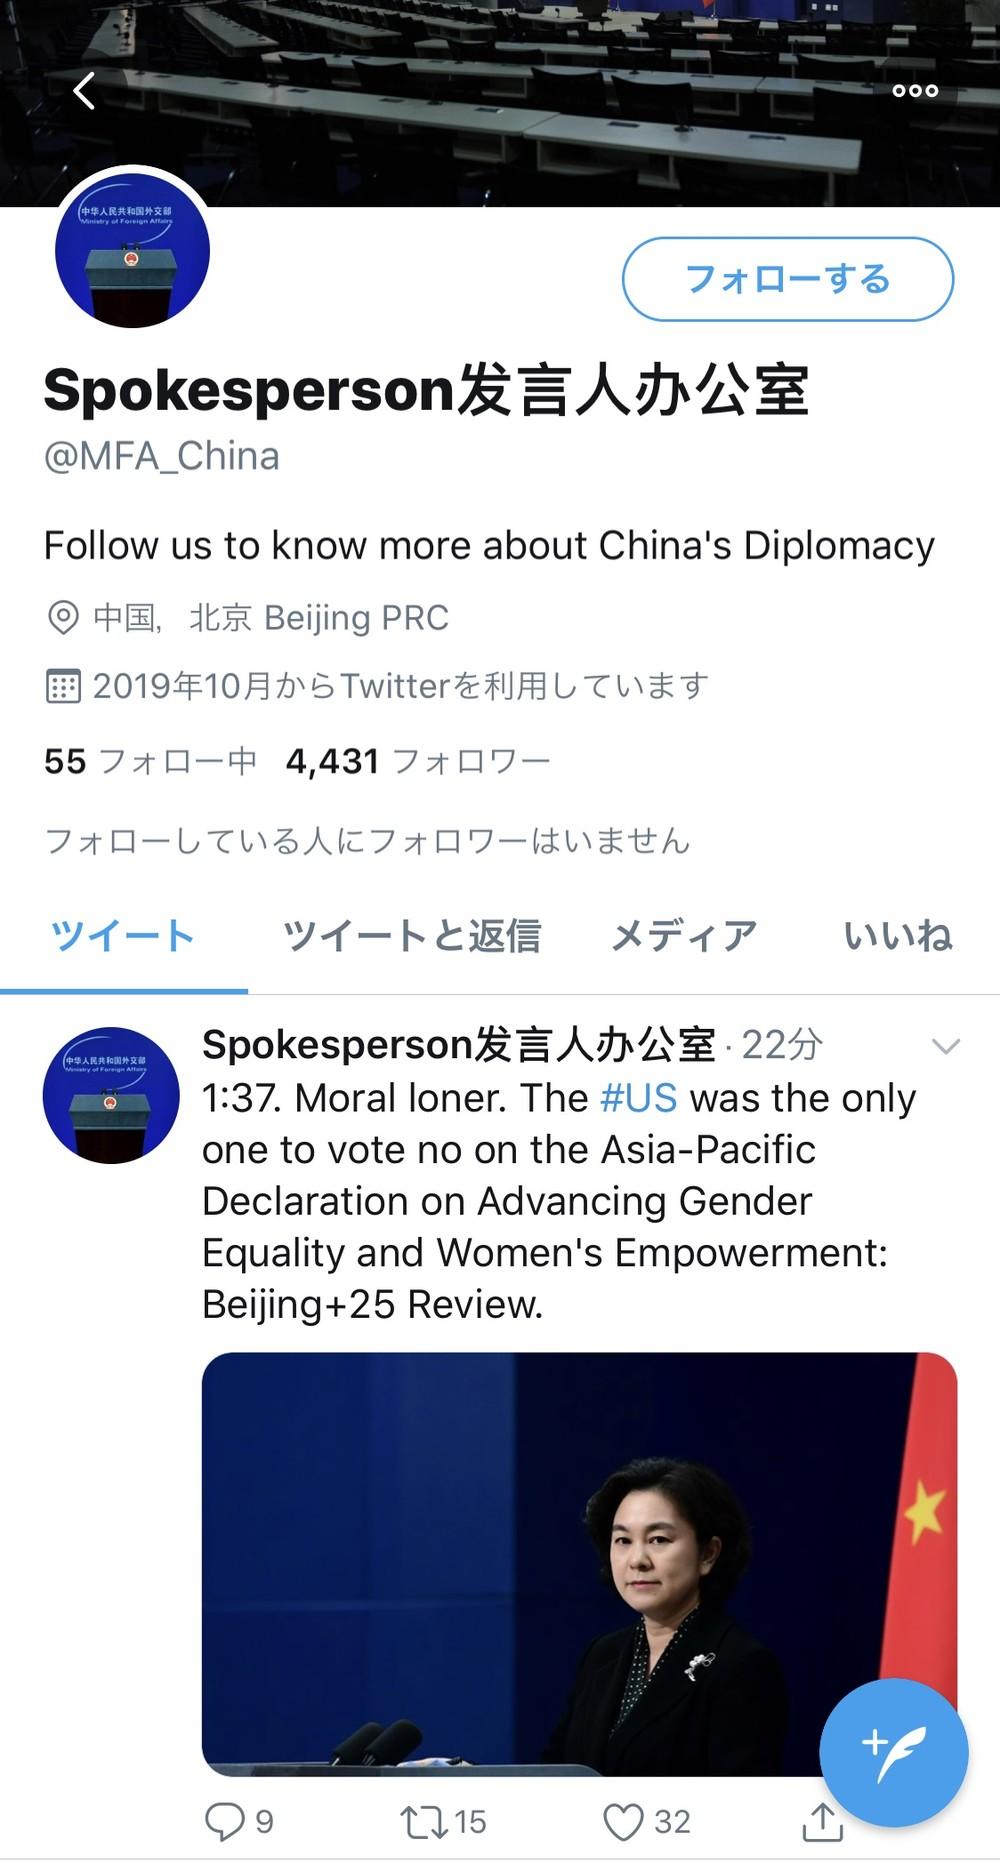 新たに開設した中国外務省報道官のツイッターアカウント。中国国内からは見られないことになっている